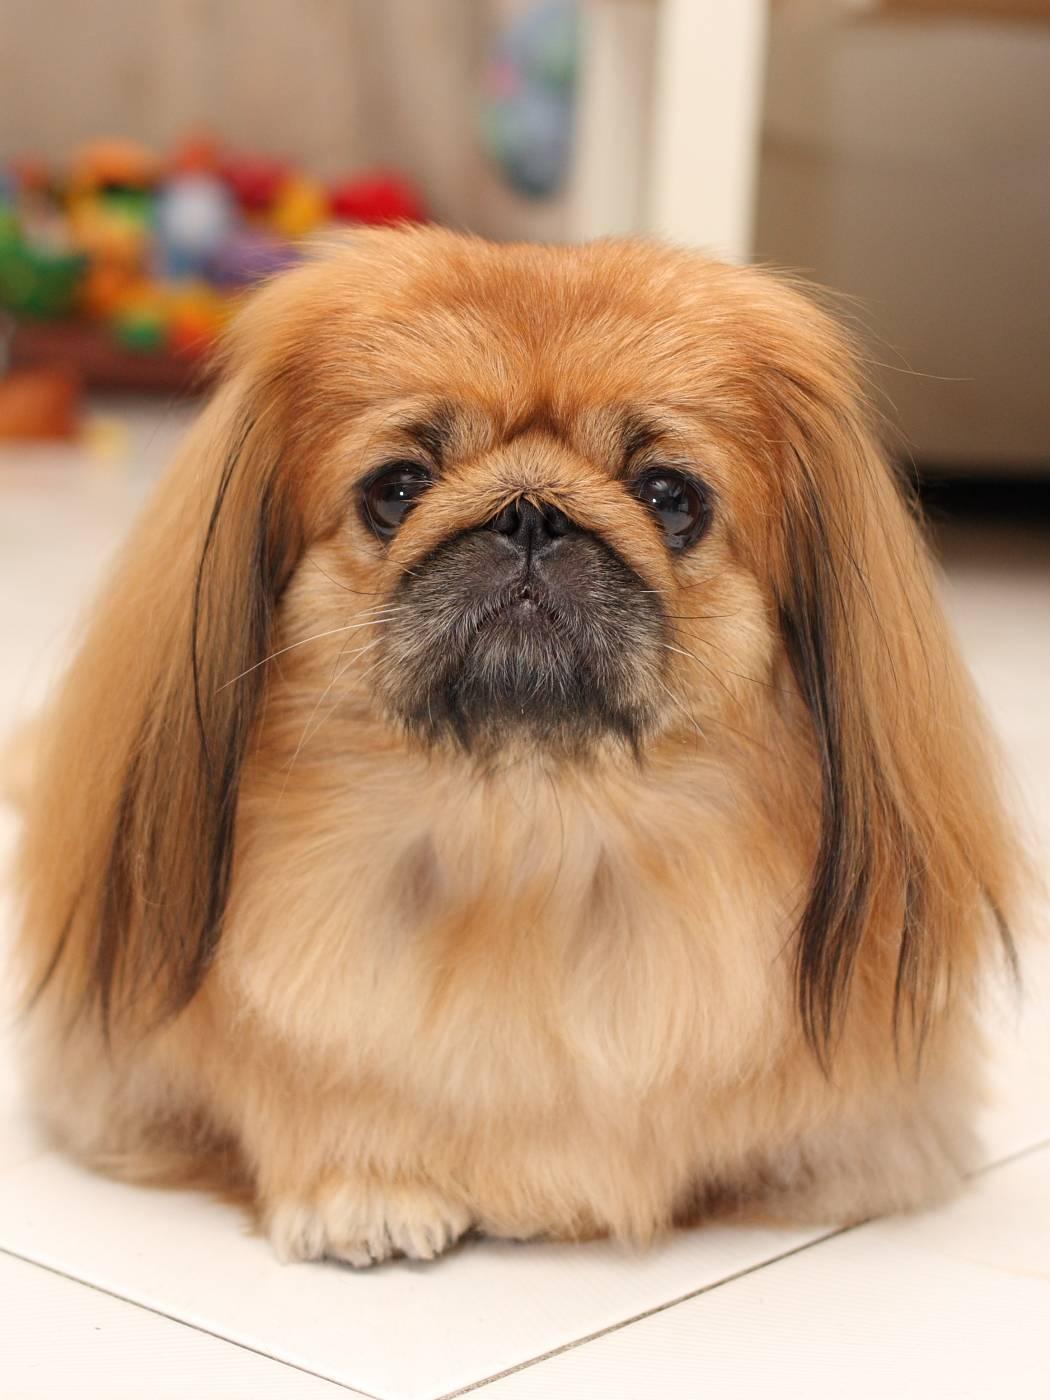 Пекинес (собака китайских императоров): уход и содержание, стандарты породы, окрас, история породы + цена щенков и отзывы